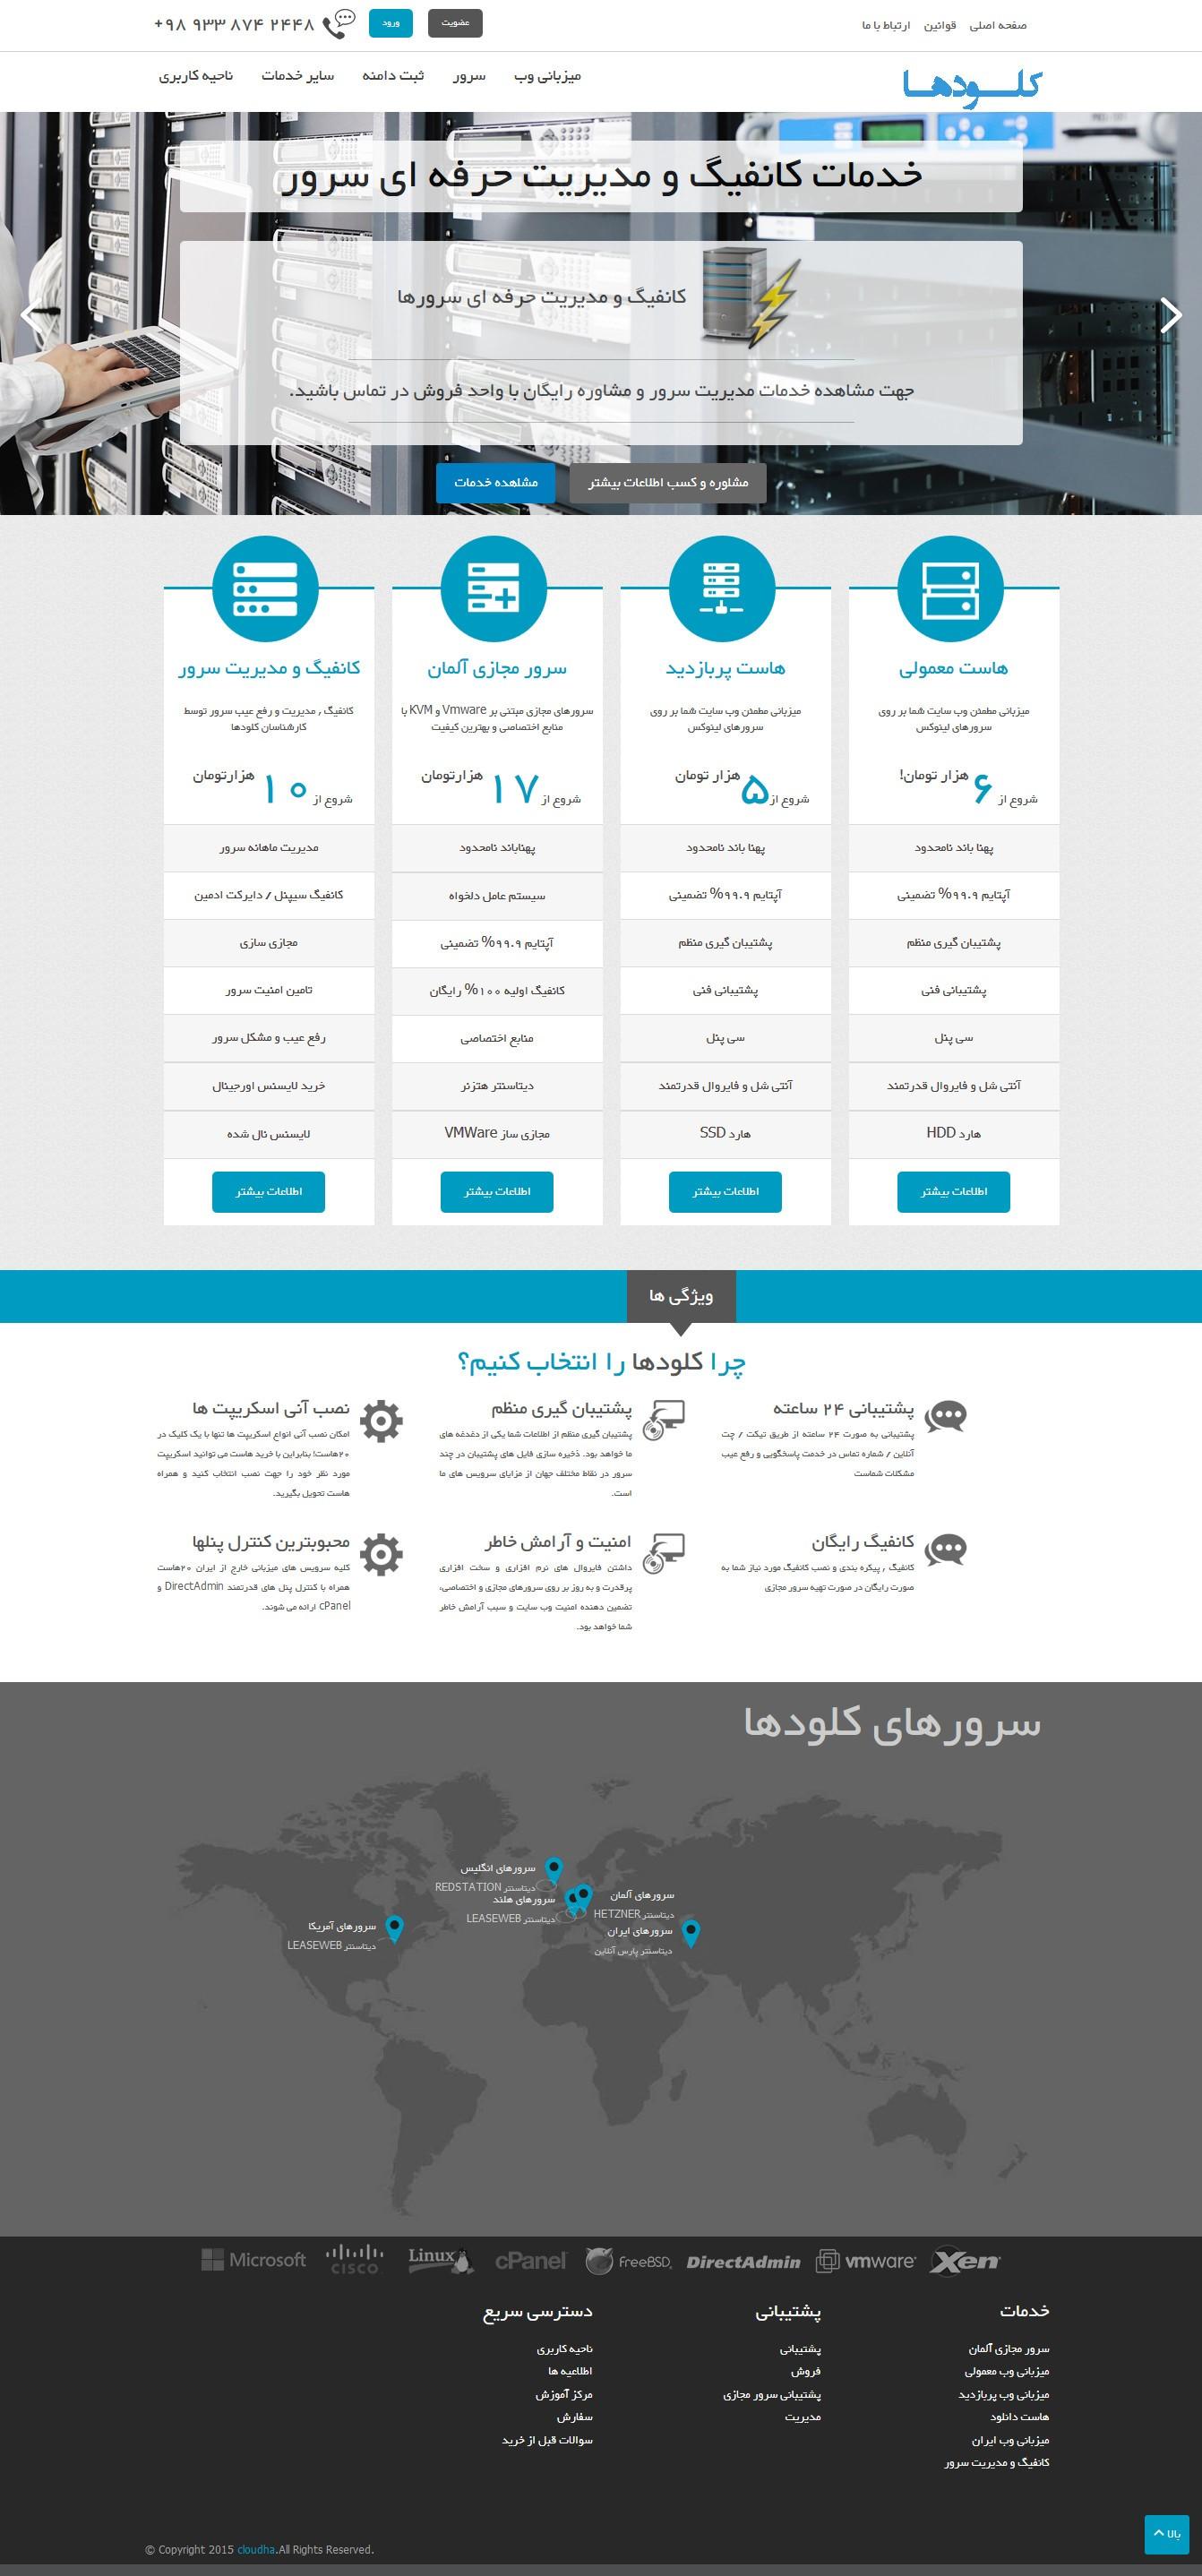 دانلود قالب میزبانی هاستینگ کلودها به صورت HTML